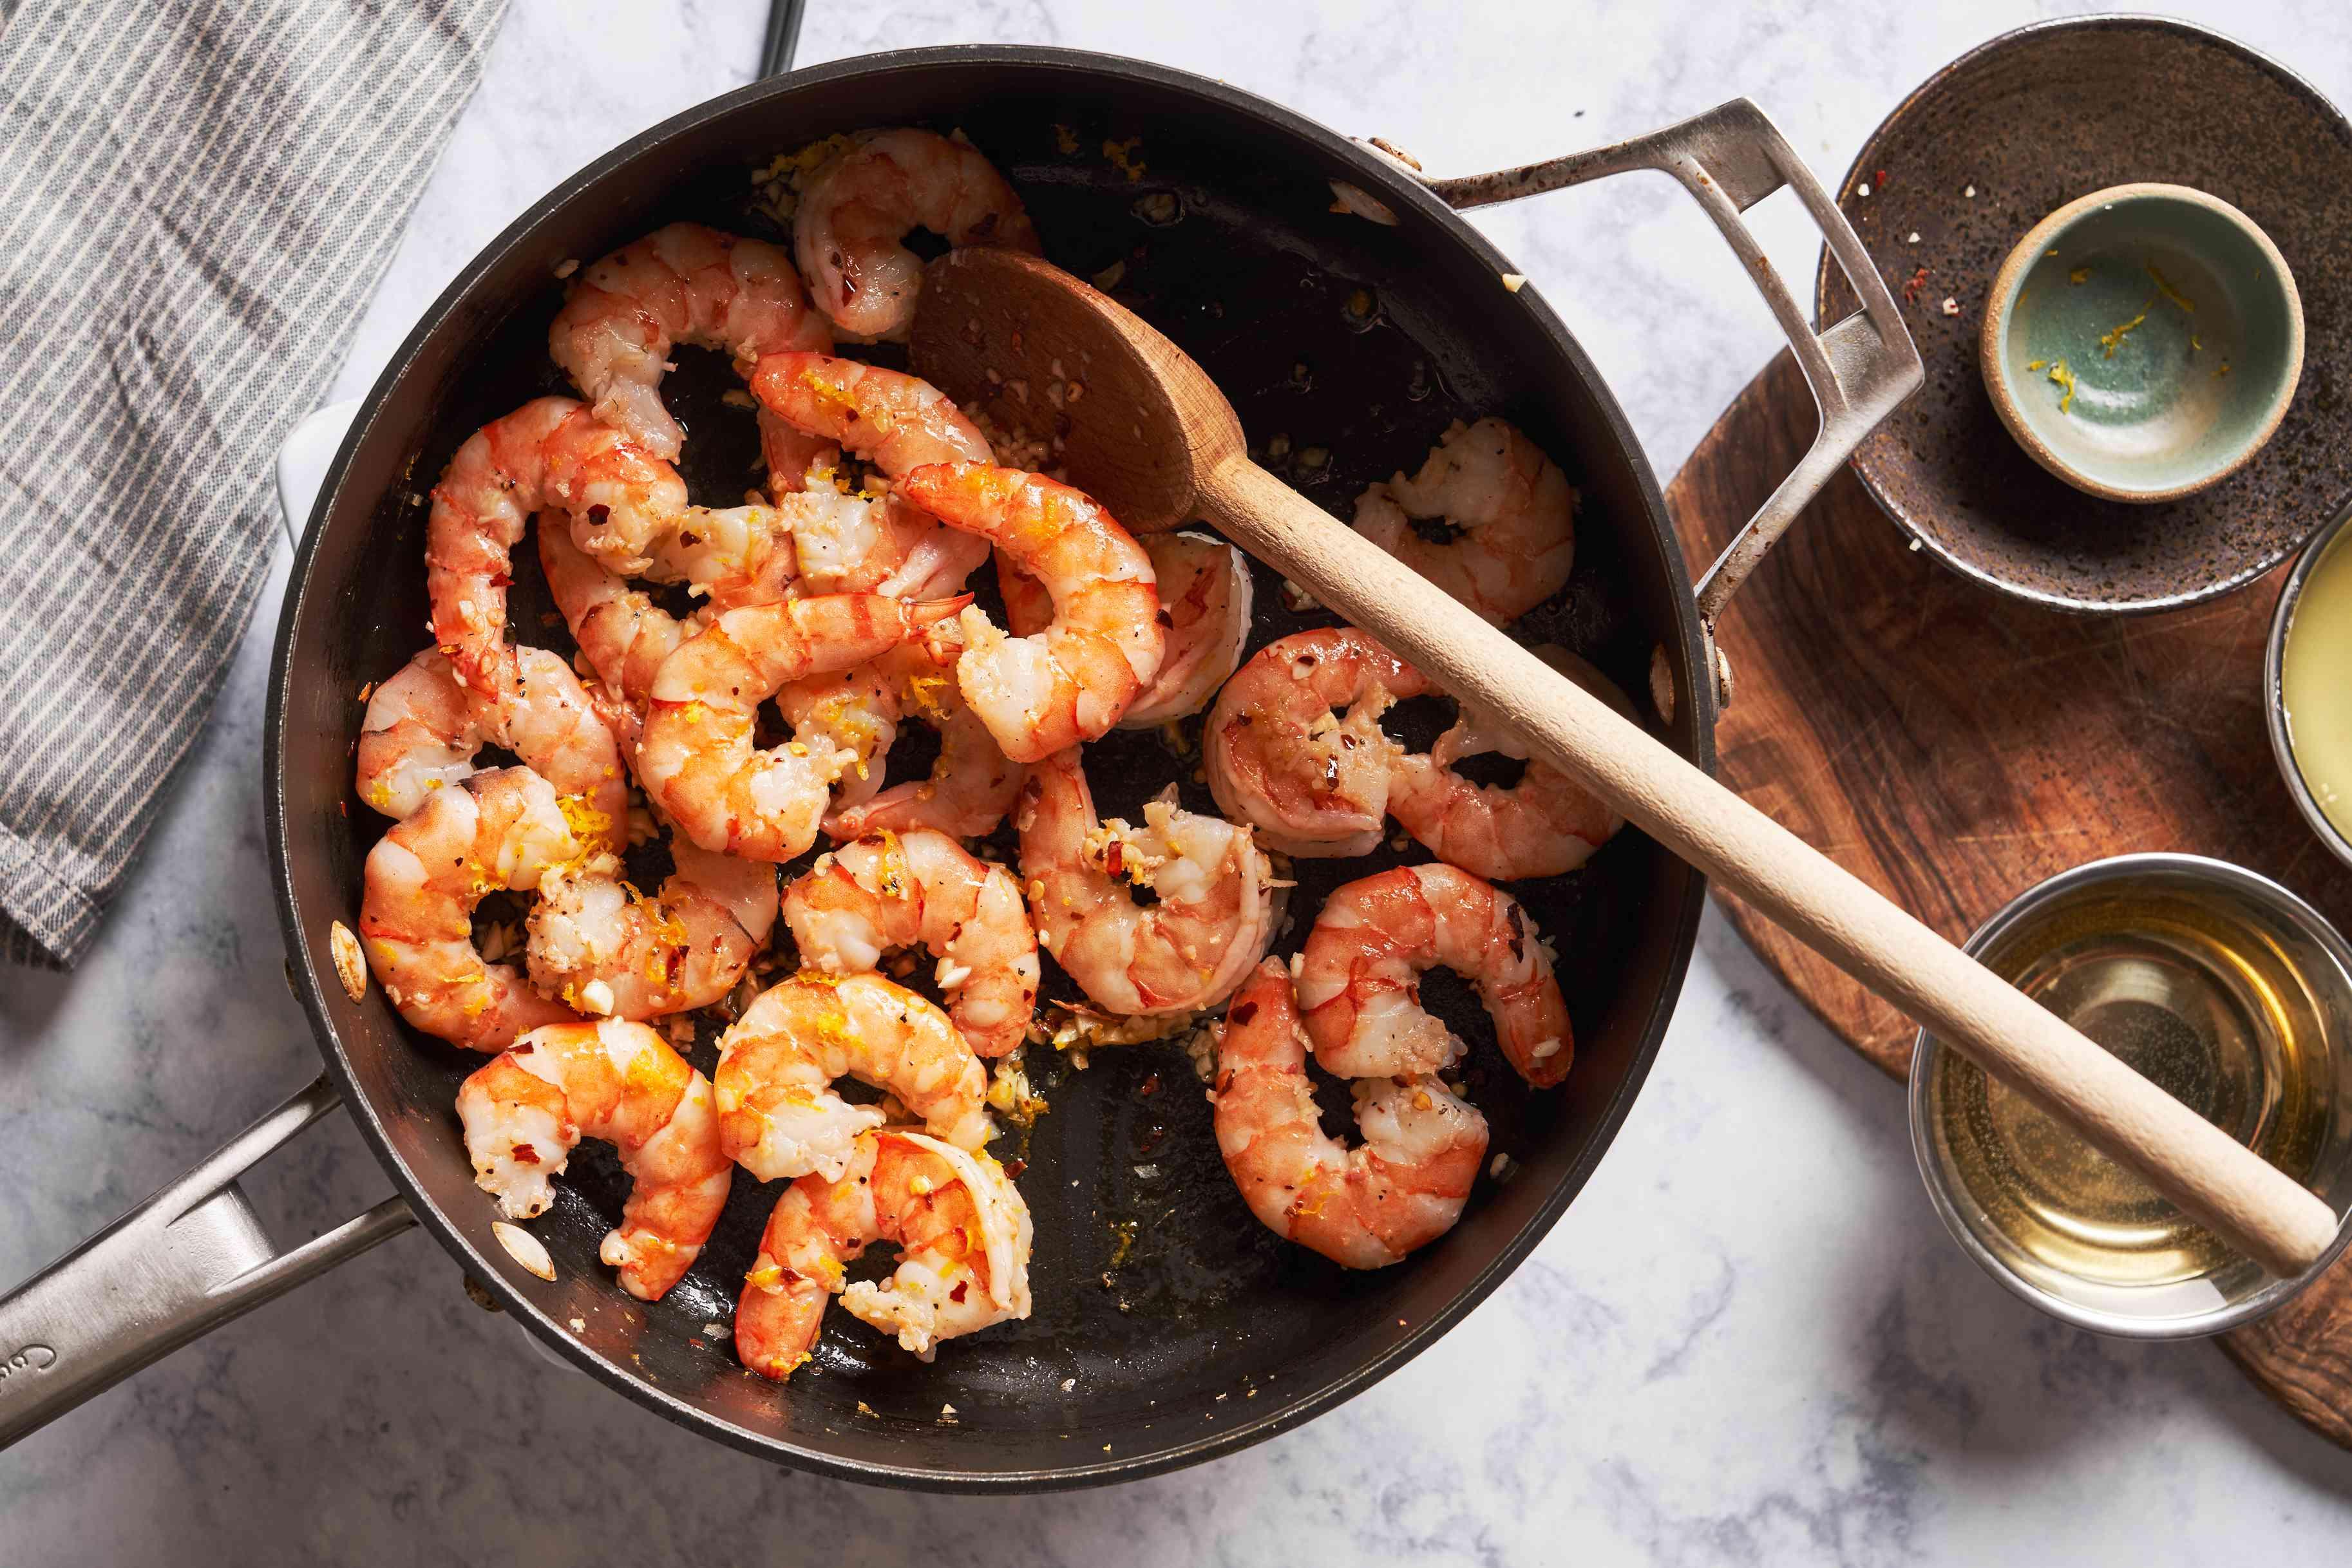 Turn shrimp